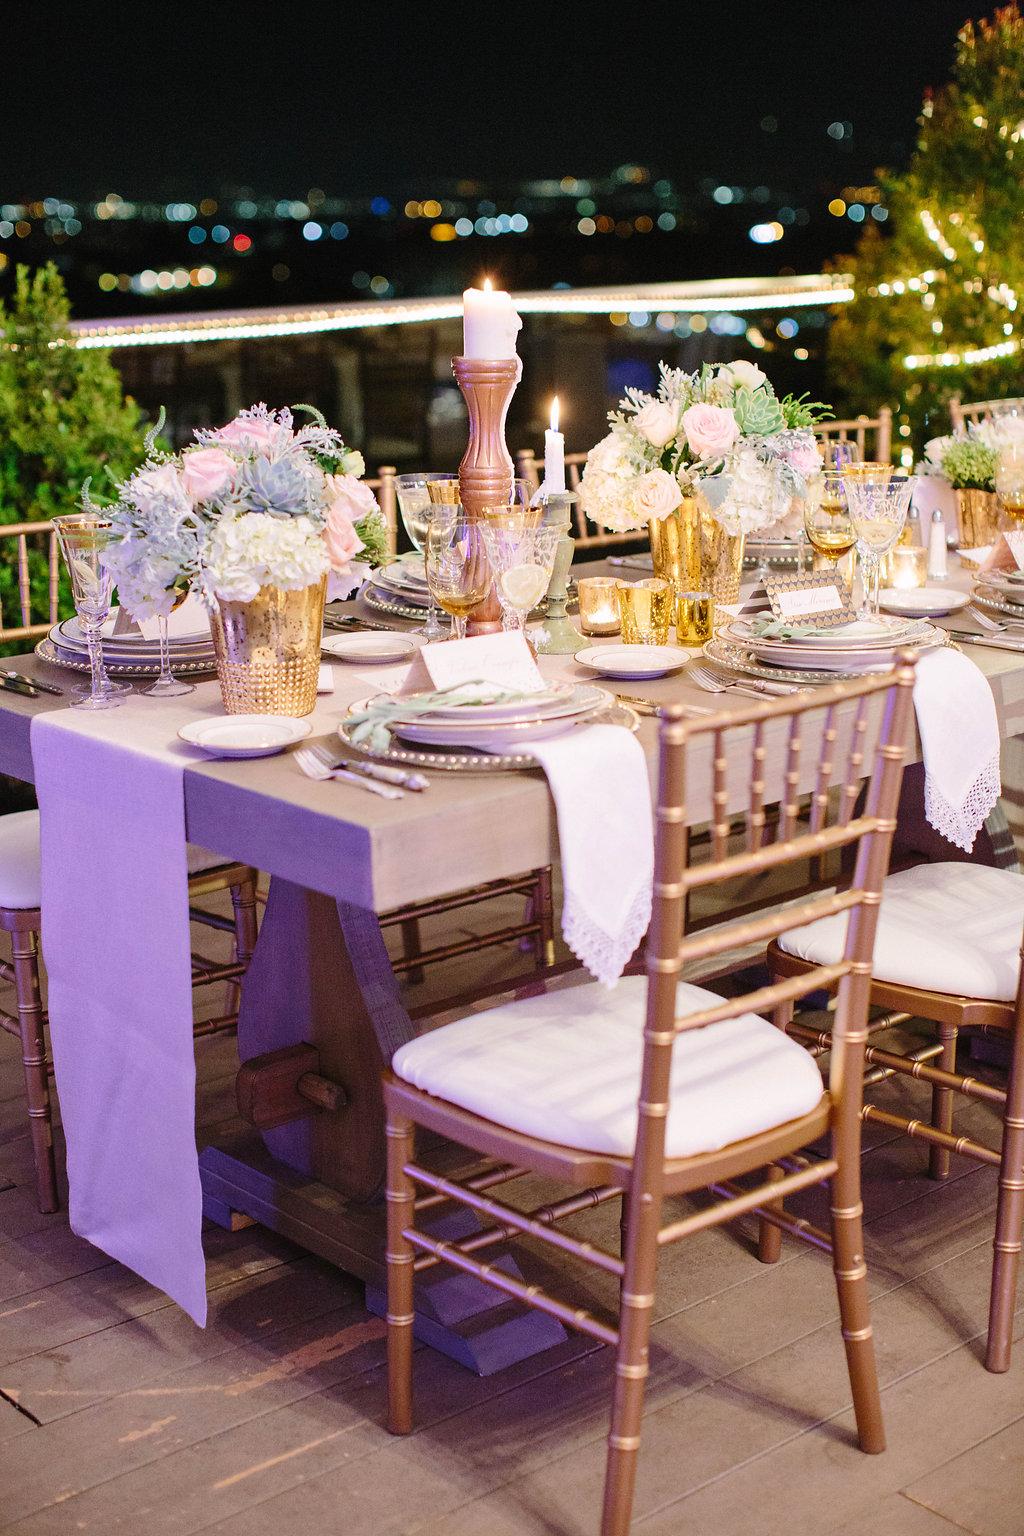 Nicole_Marie_Photography_Luxury_Wedding_Photographer-99.jpg